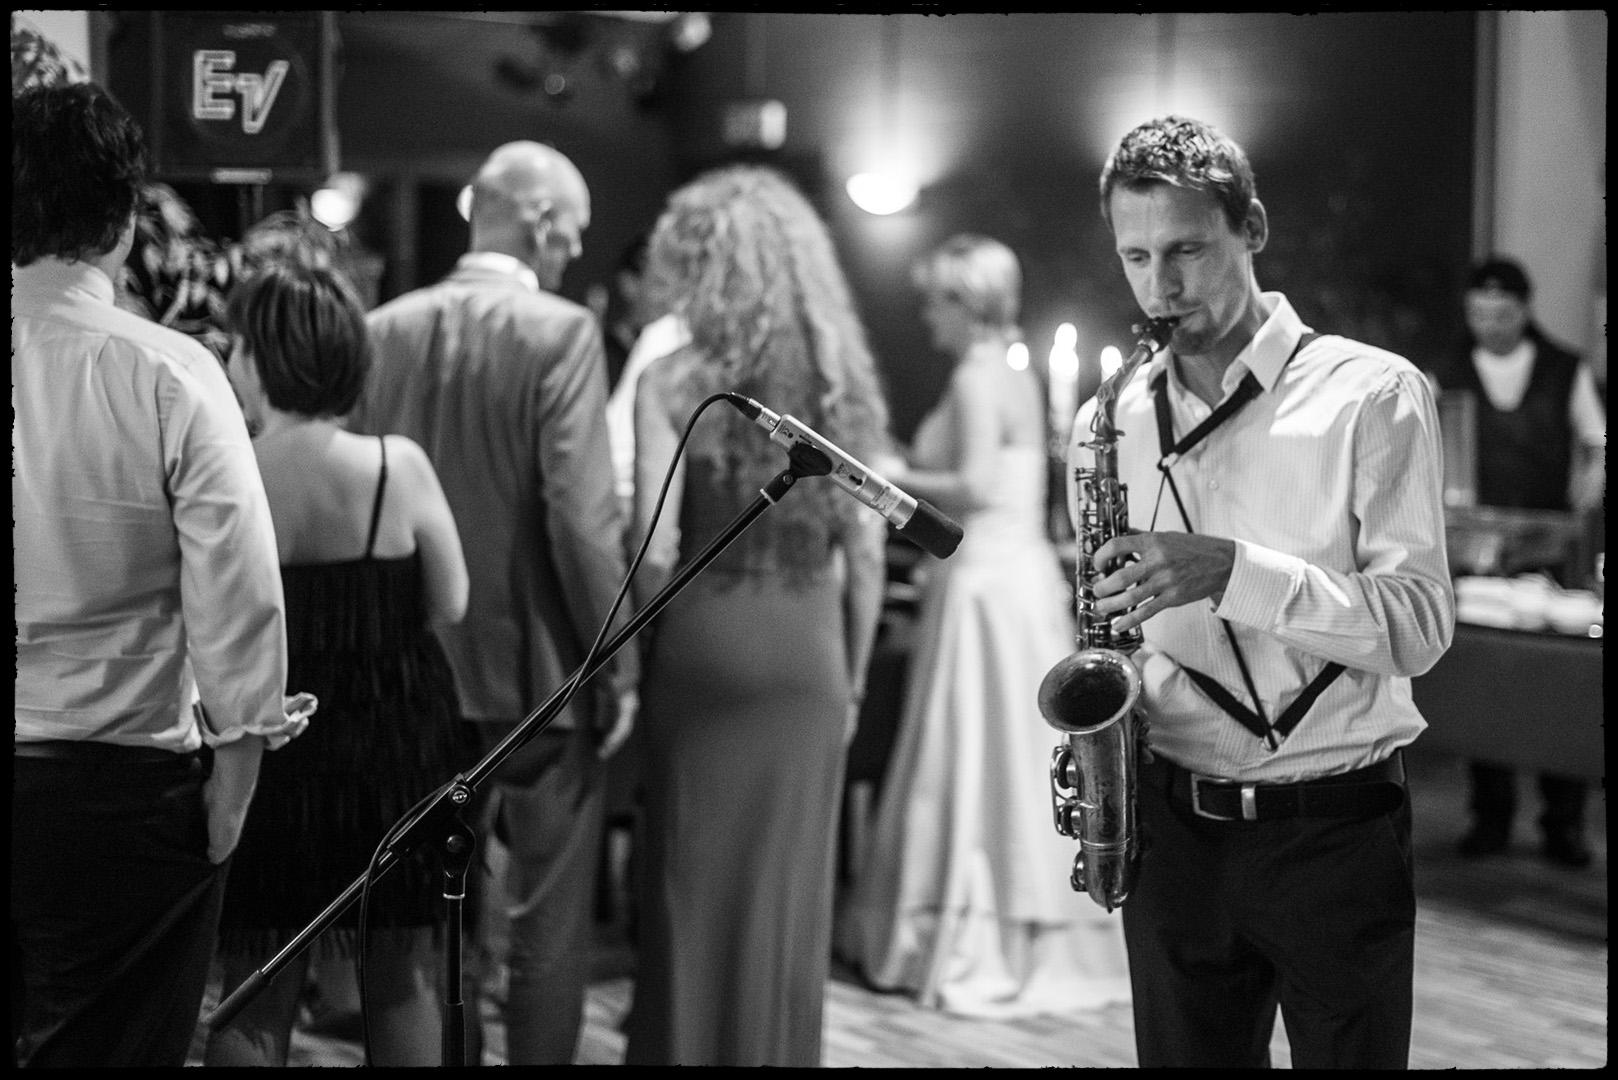 hochzeitsmusik Hochzeit band live